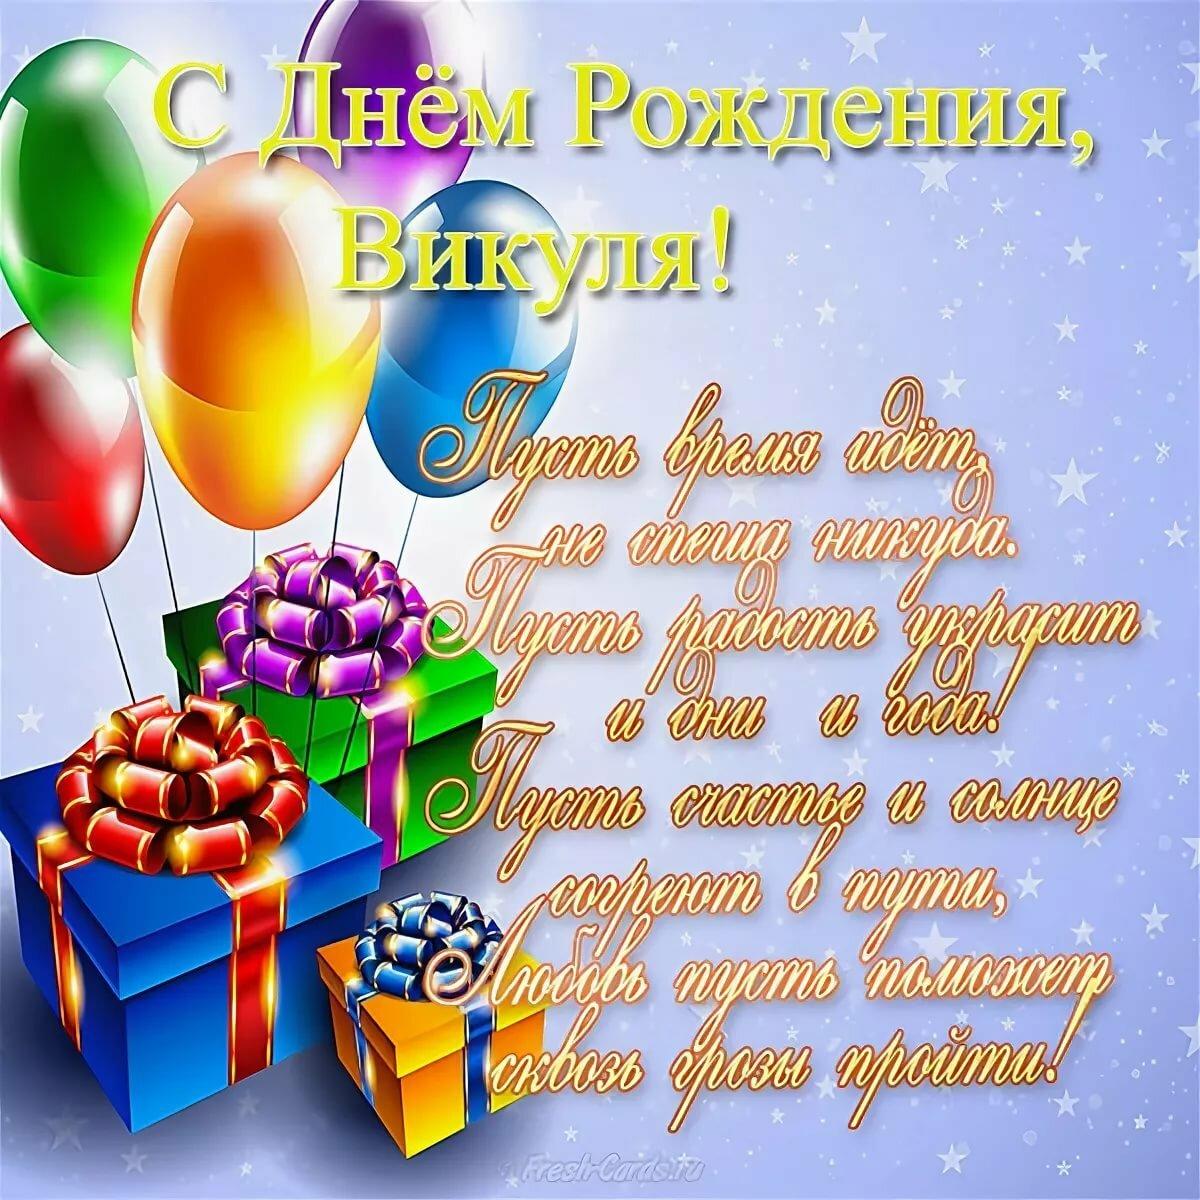 Днем рождения, открытка викульке